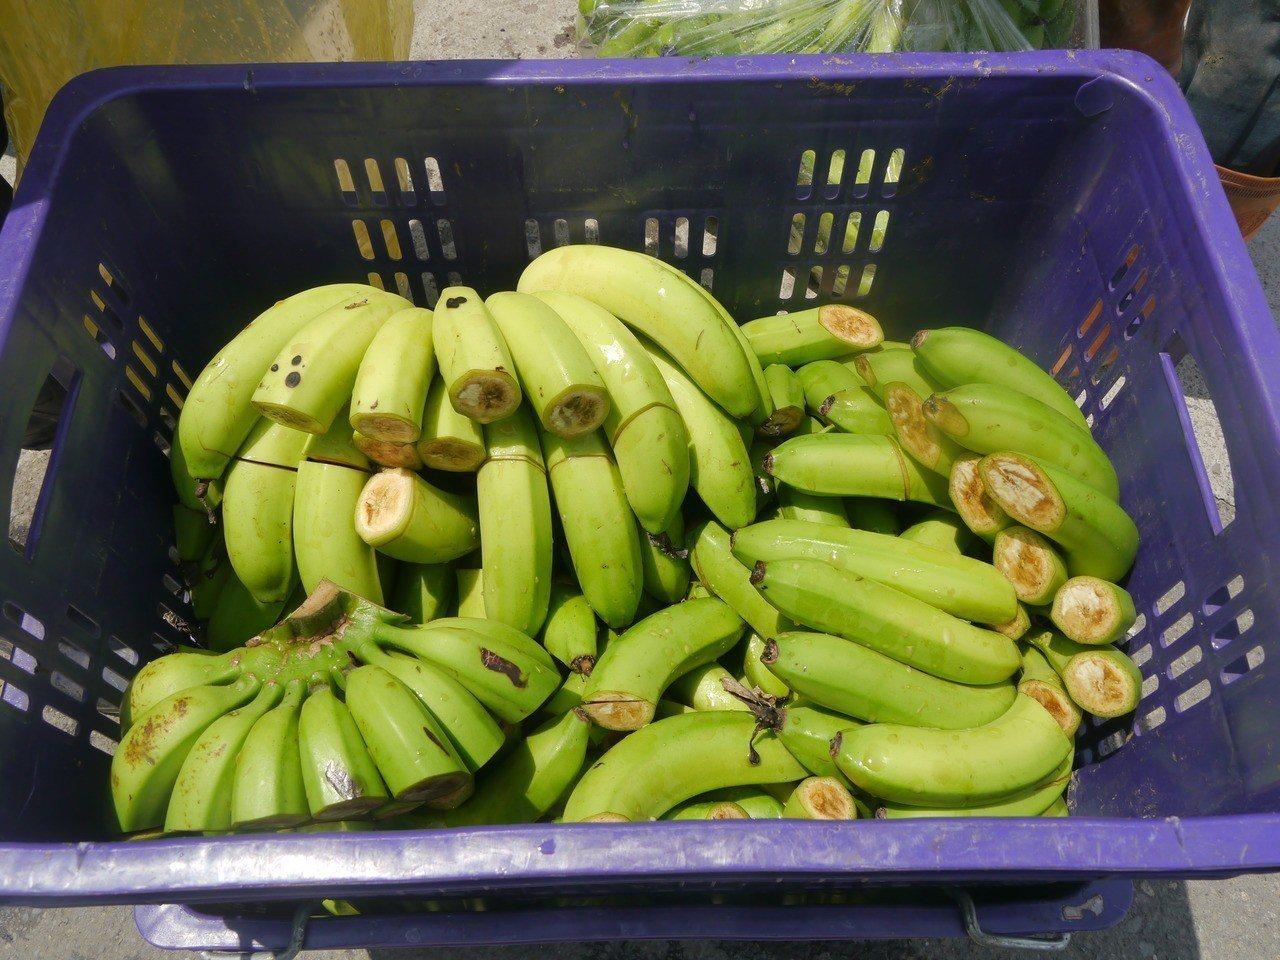 因擔心格外品流入市面,收購人員刻意損壞香蕉。記者徐白櫻/攝影